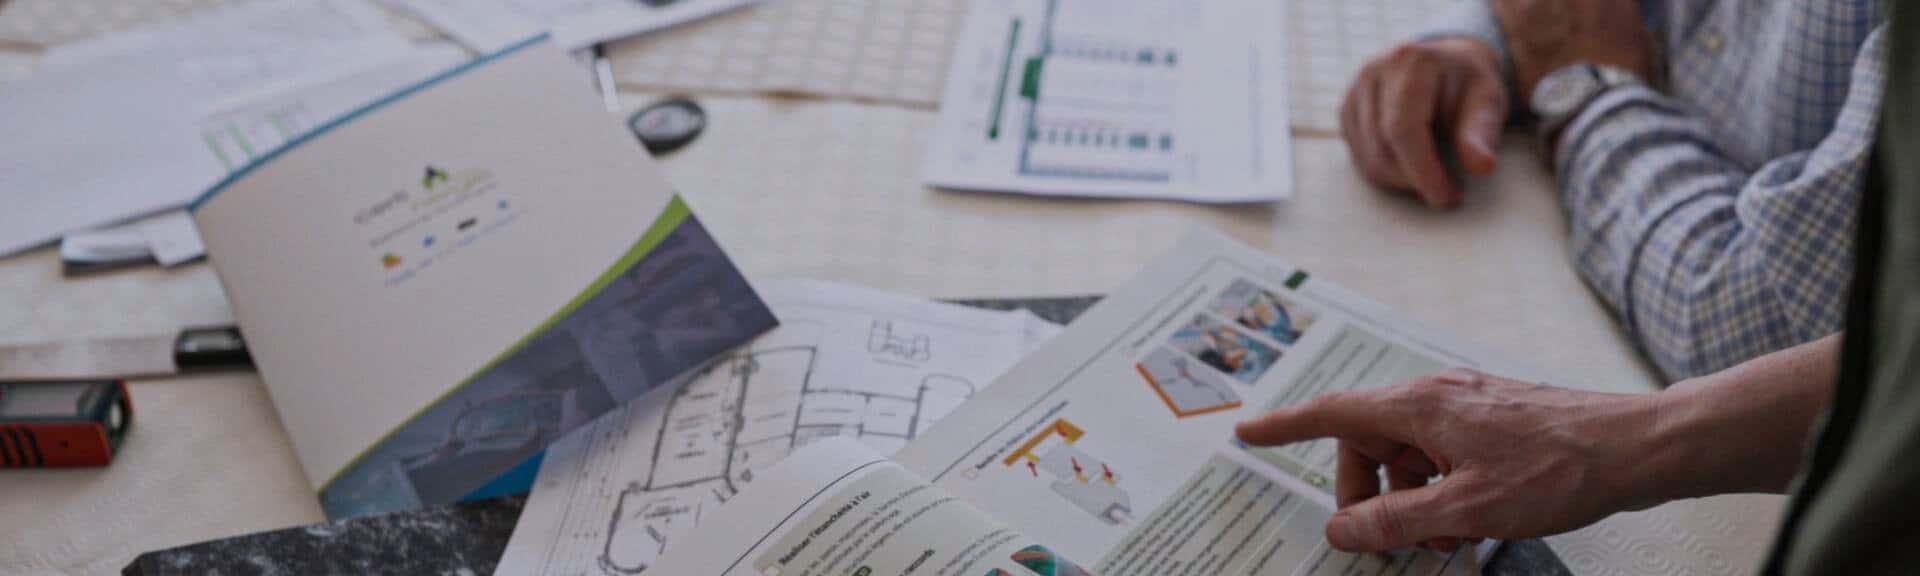 Auditeur Certinergie fournissant des explications au client sur les travaux projetés